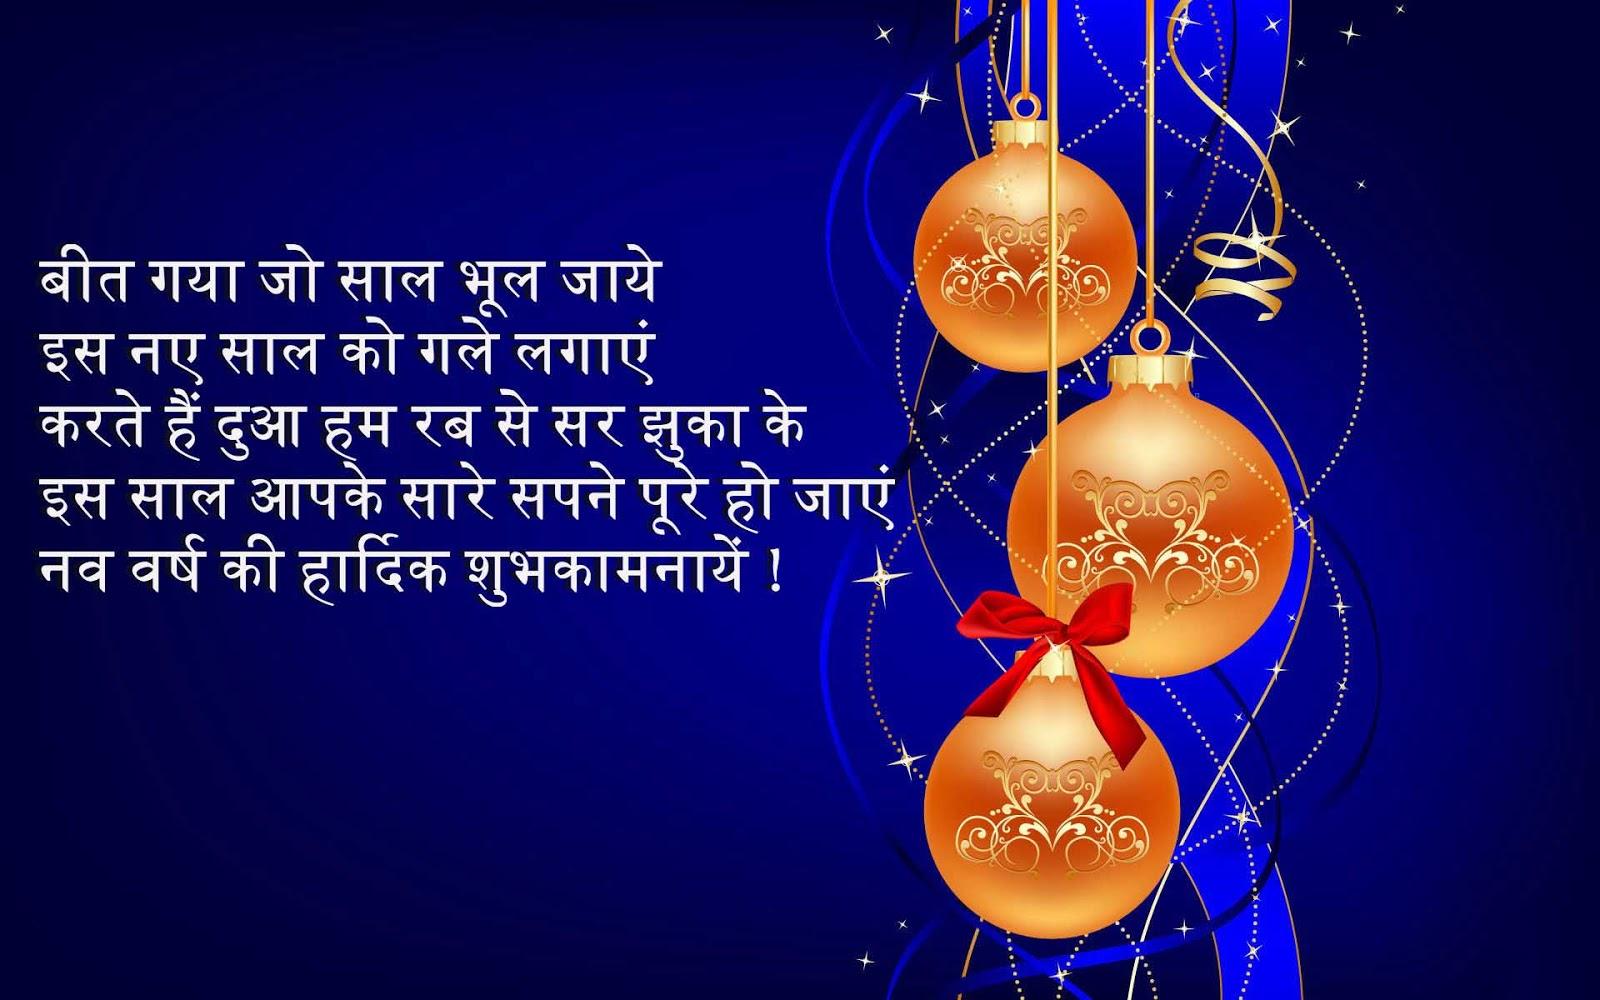 Happy New Year 2019 Hindi Shayari Images